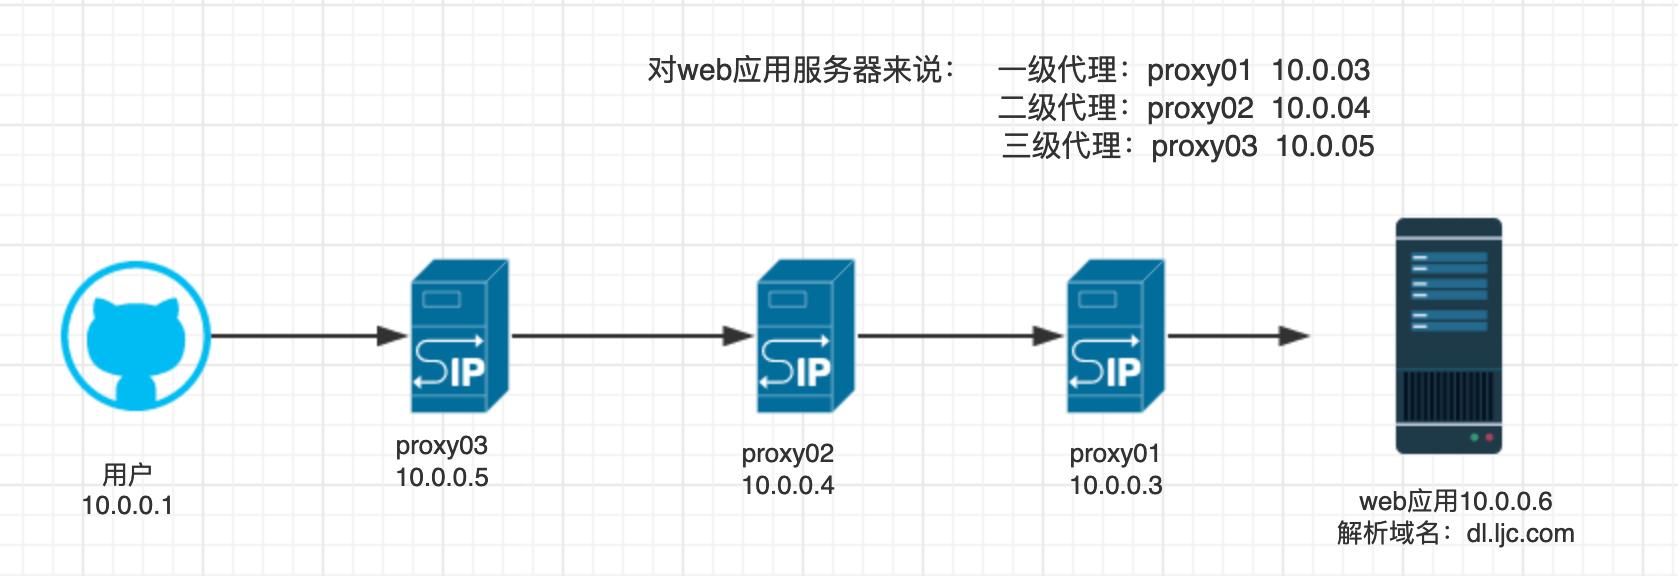 规划图1.png